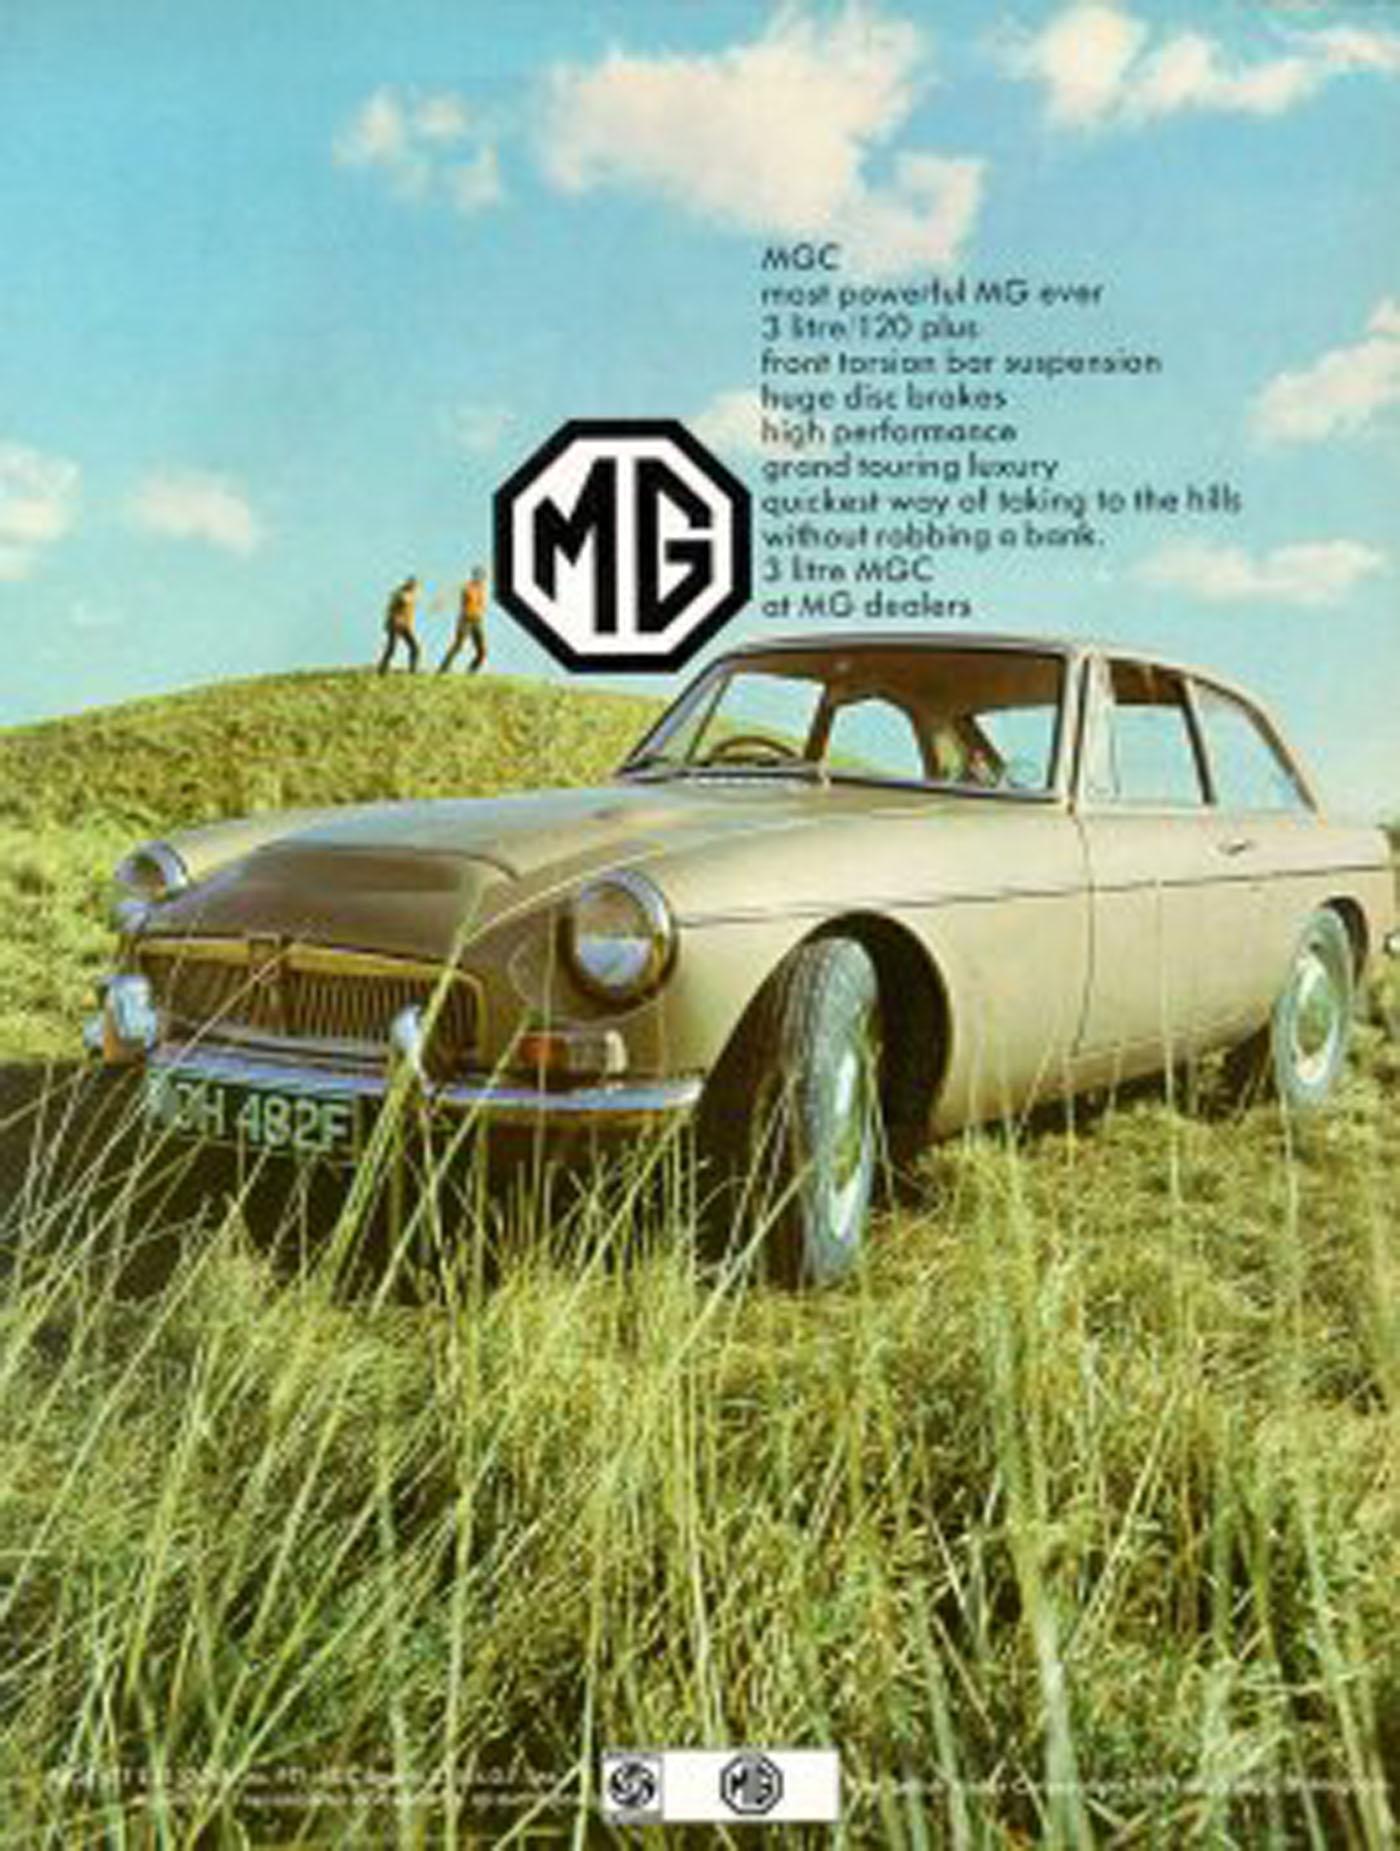 mgc_poster